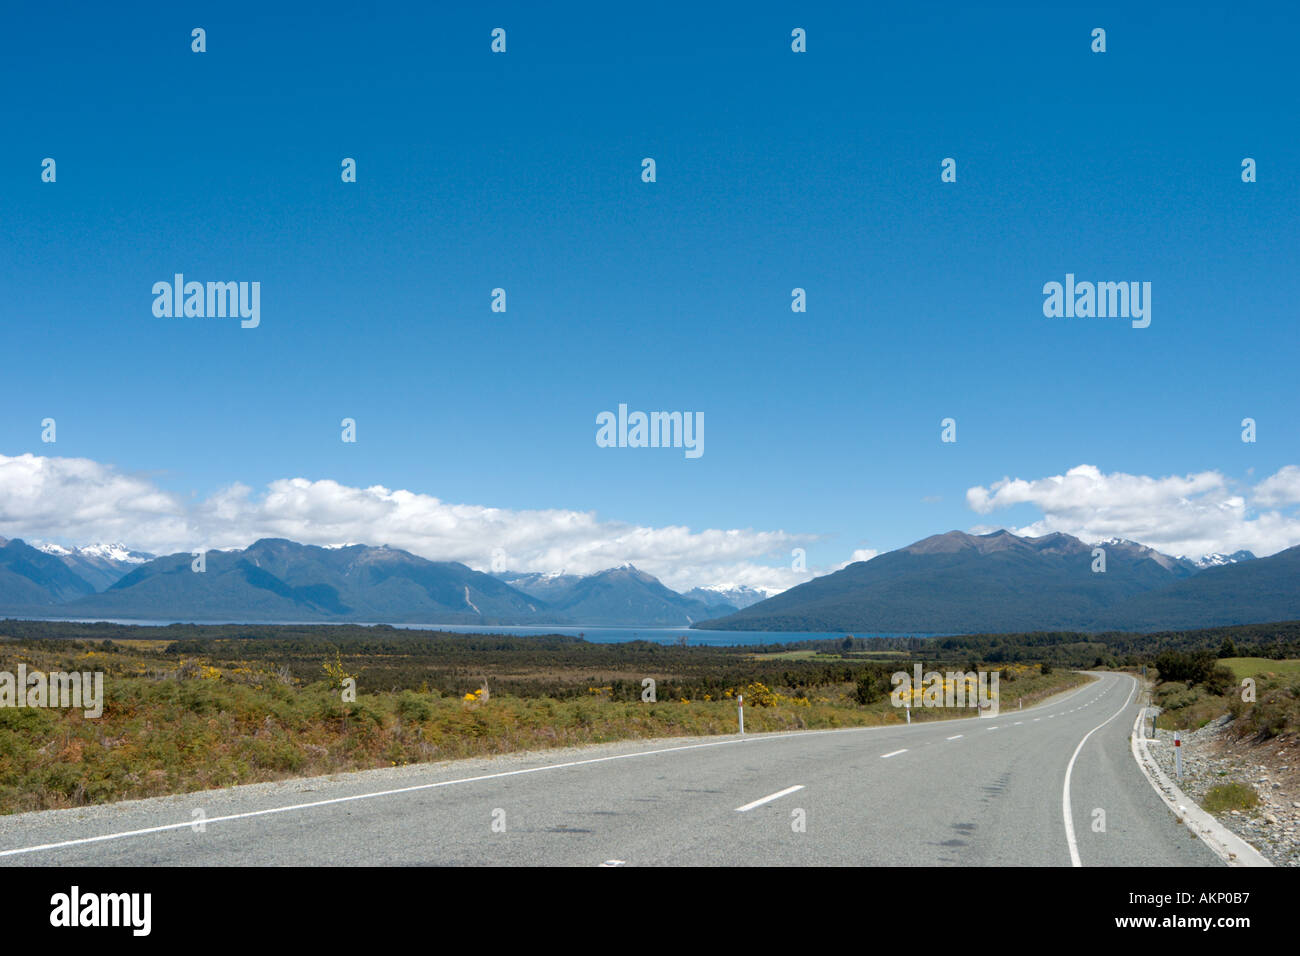 Abrir camino entre Milford Sound y Te Anau con vistas al Lago Te Anau, Isla del Sur, Nueva Zelanda Foto de stock